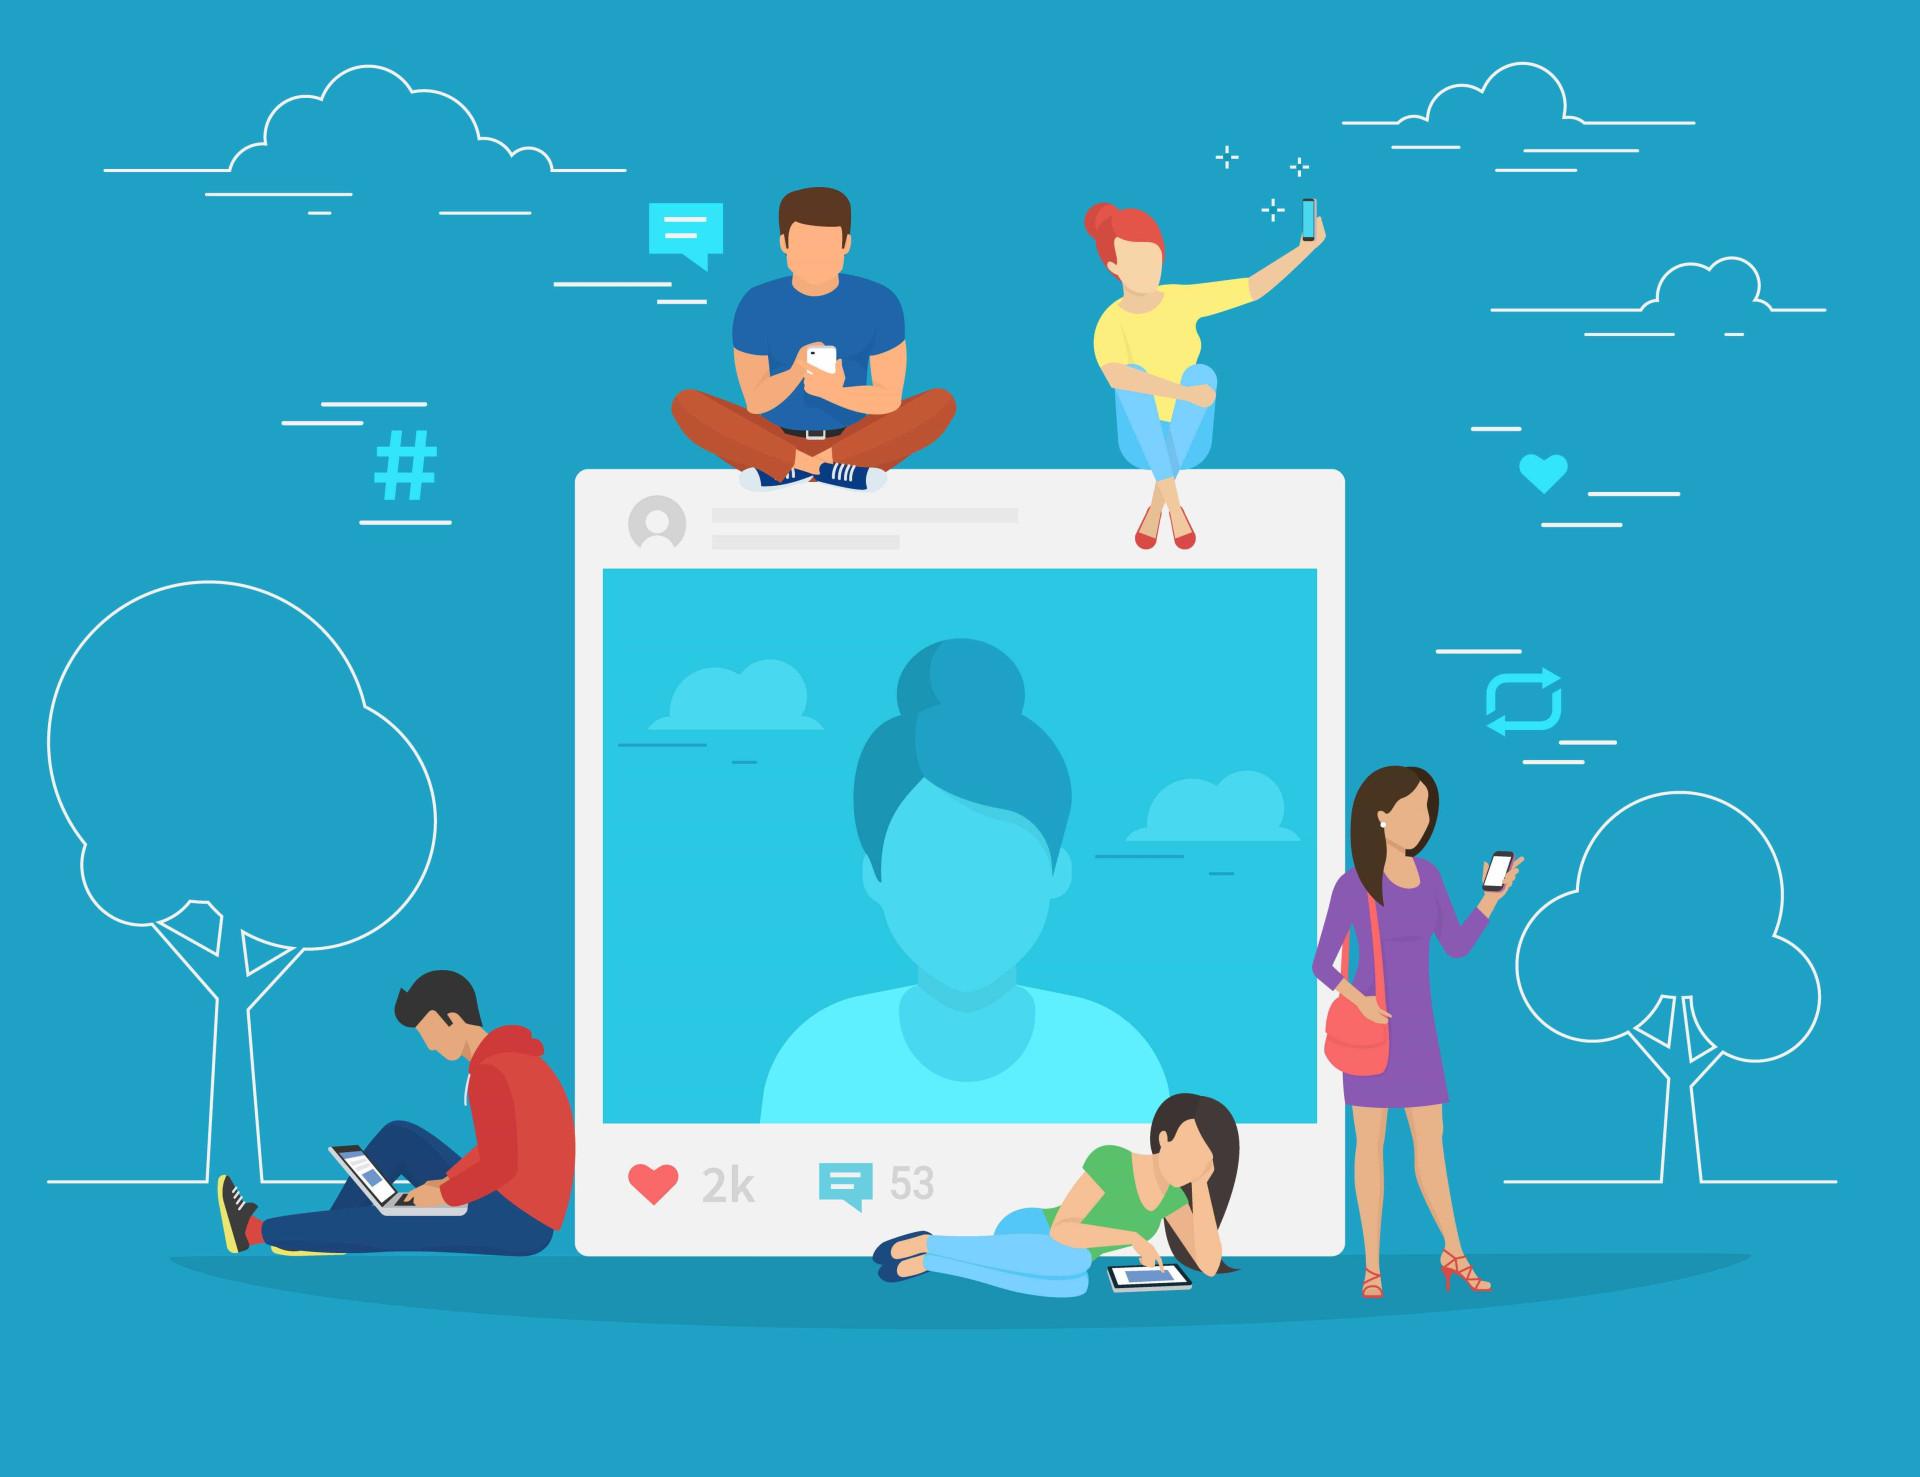 Quer ter sucesso nas redes sociais? Tem aqui as melhores dicas